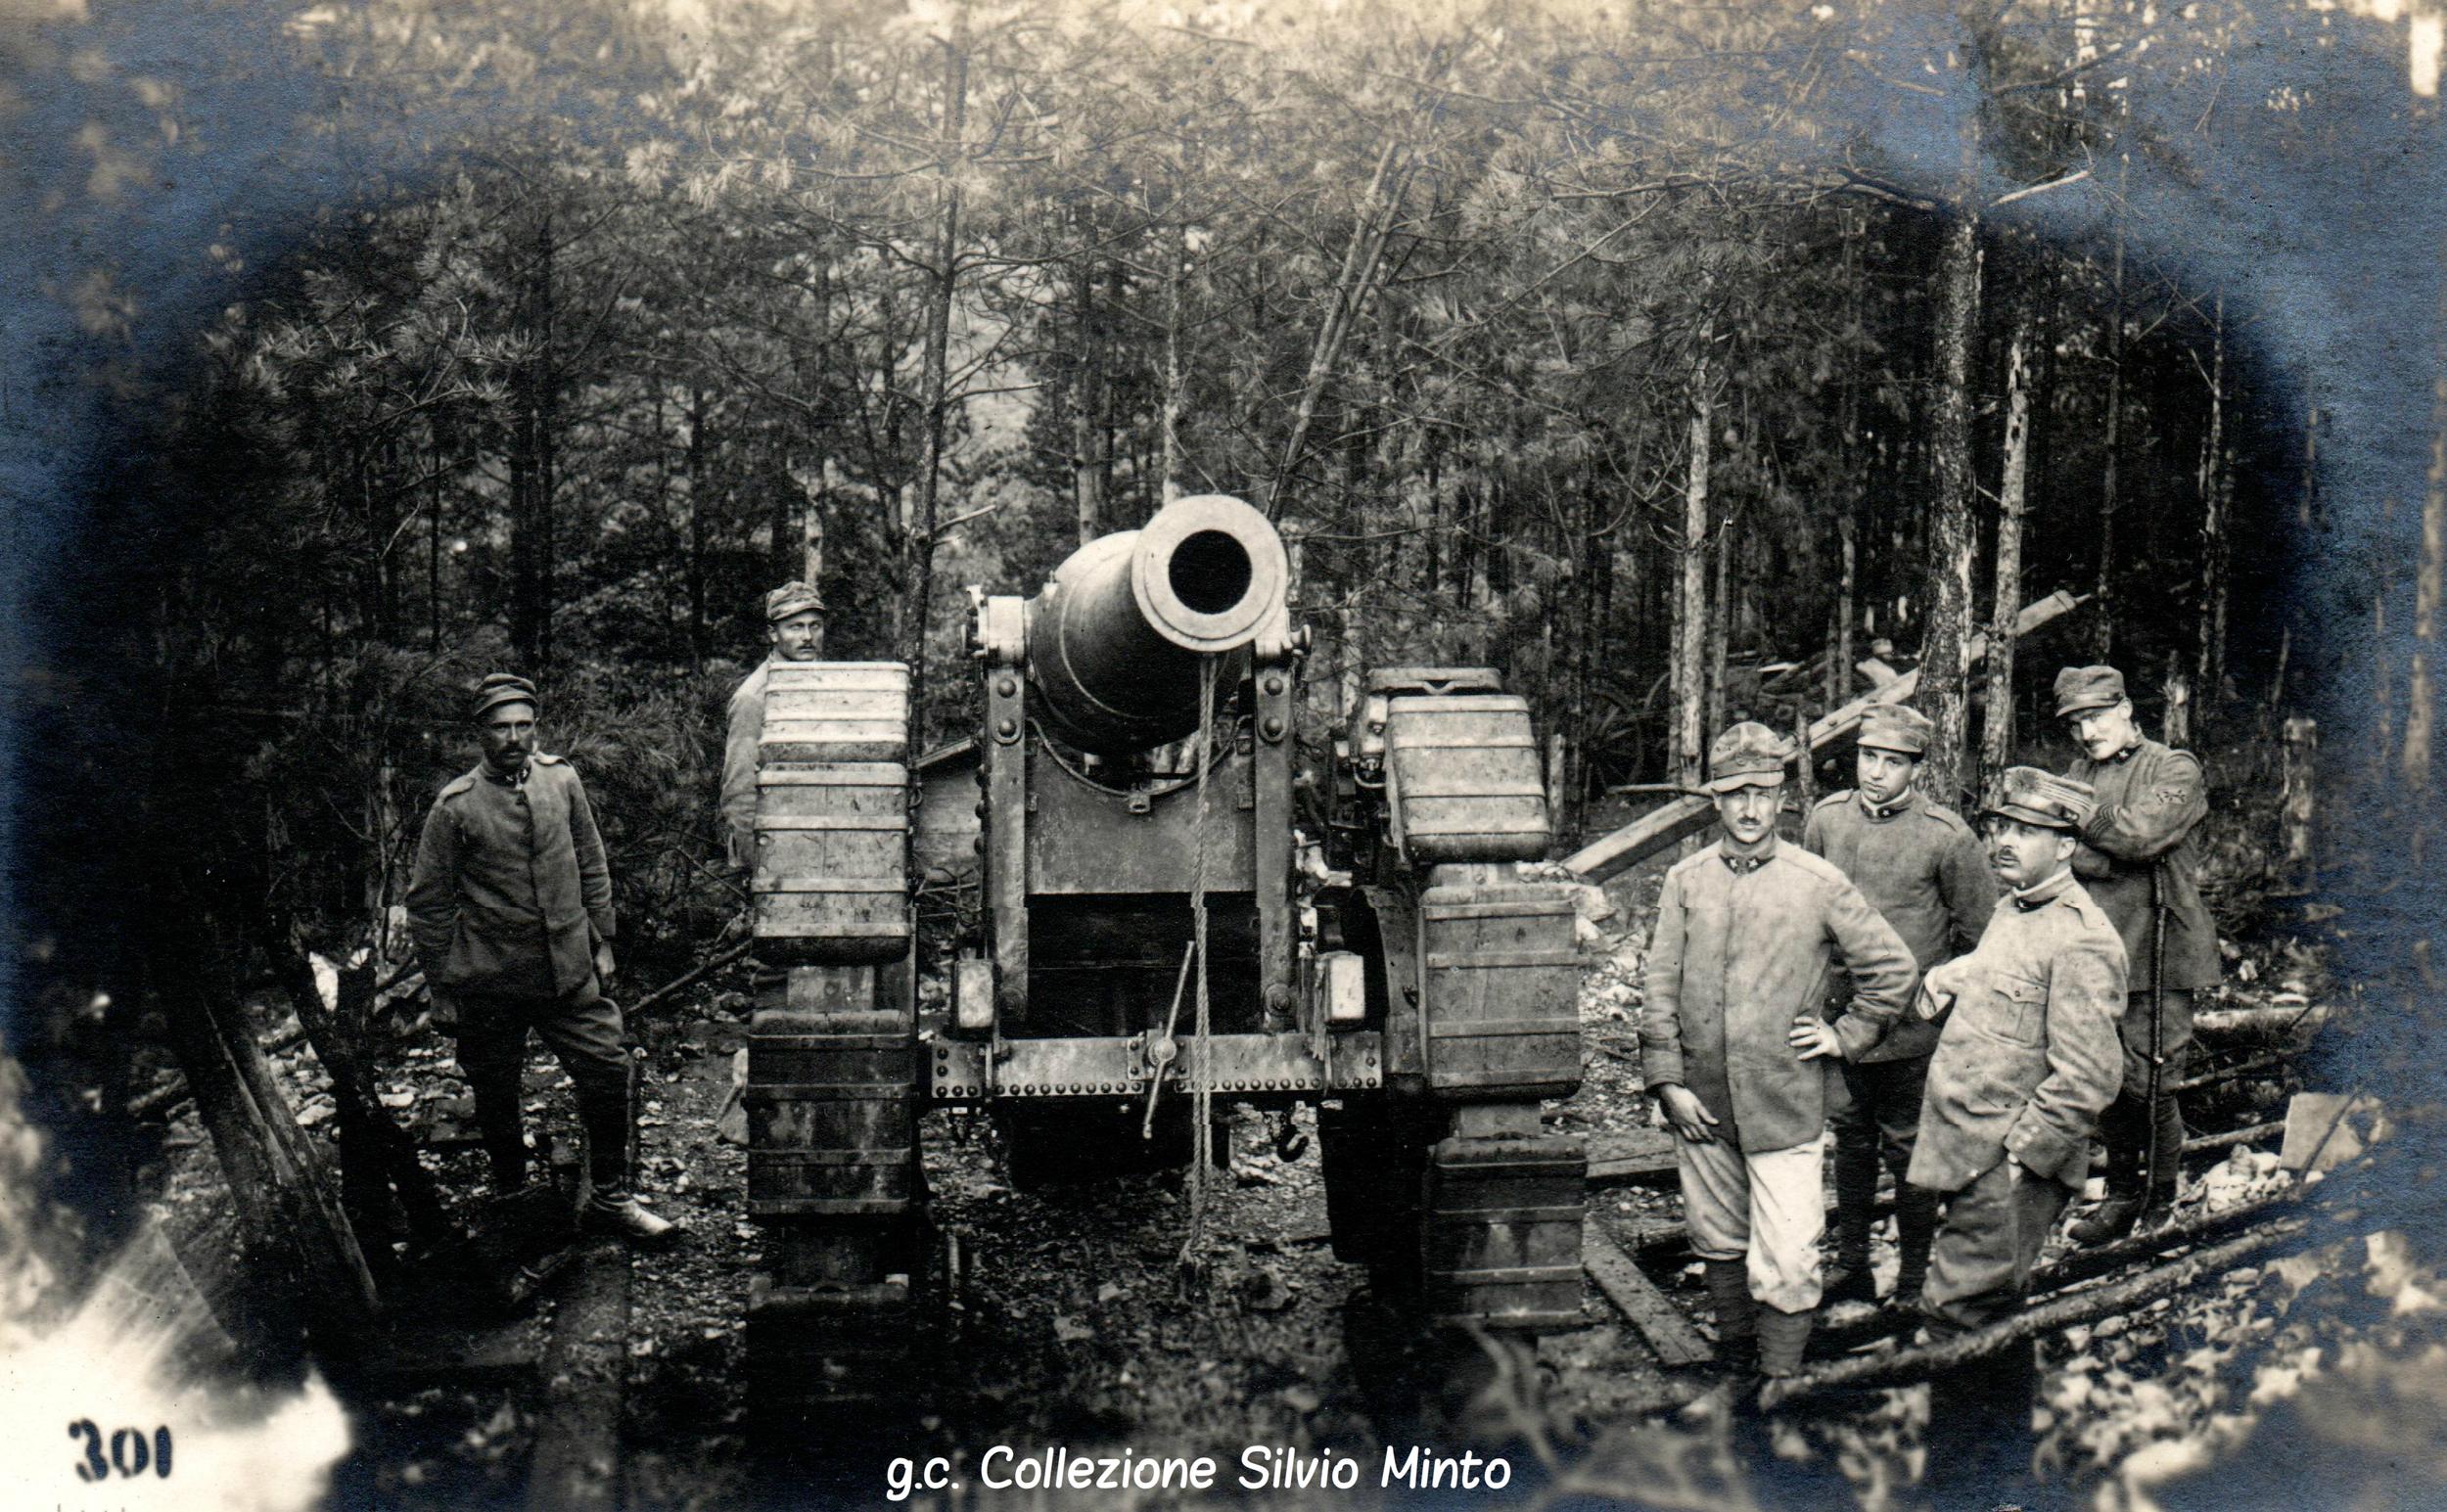 Grosso calibro dell'artiglieria italiana schierato in un bosco